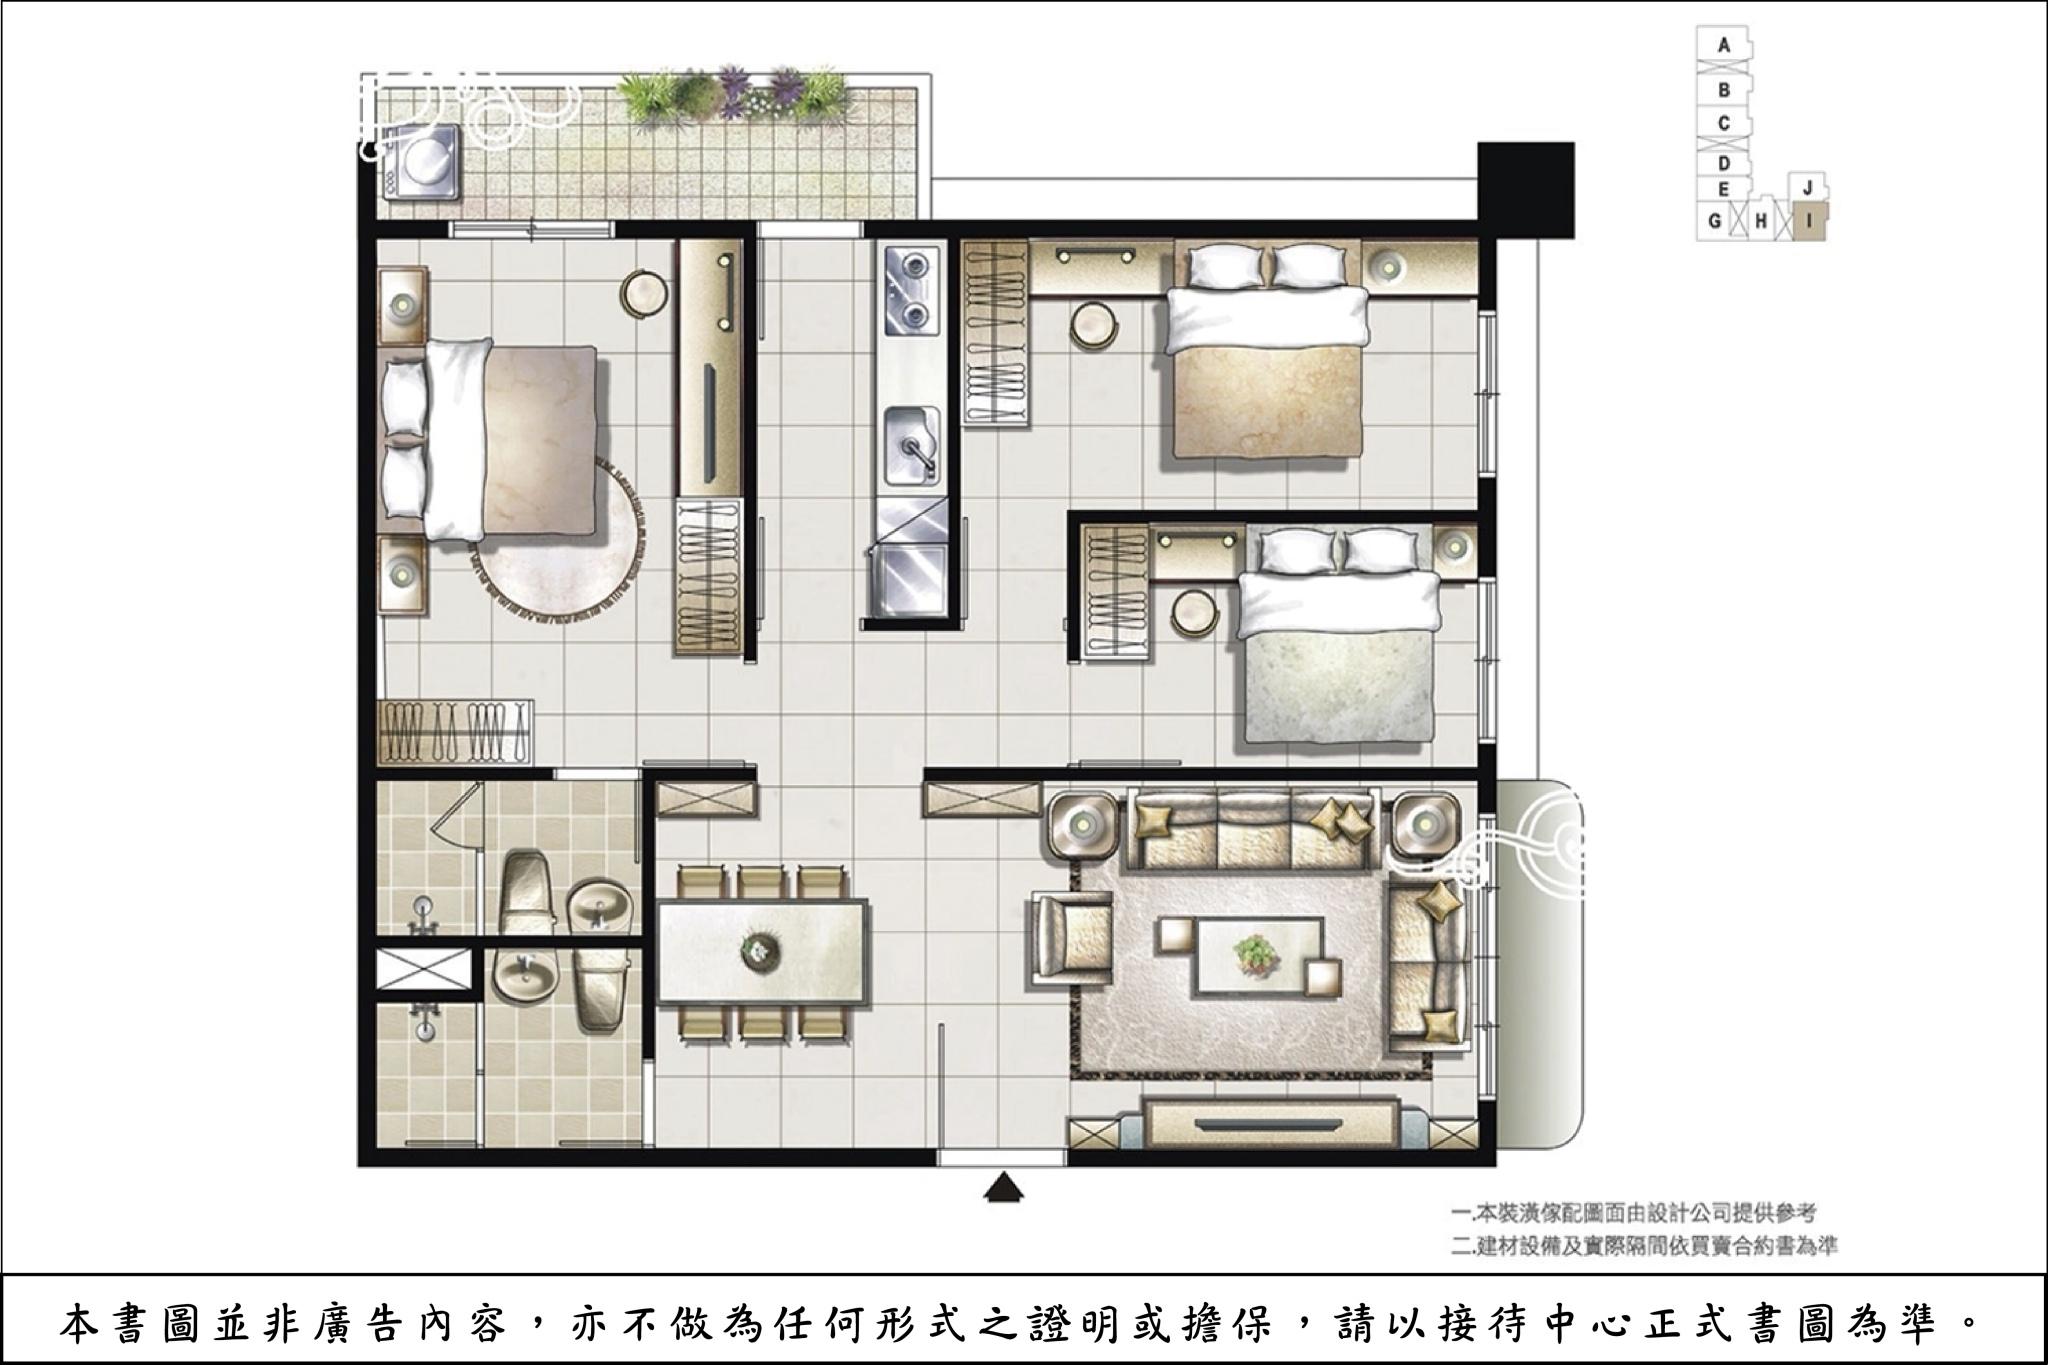 [新北中和]啟佳建設-齊家一品苑20180517-2.jpg